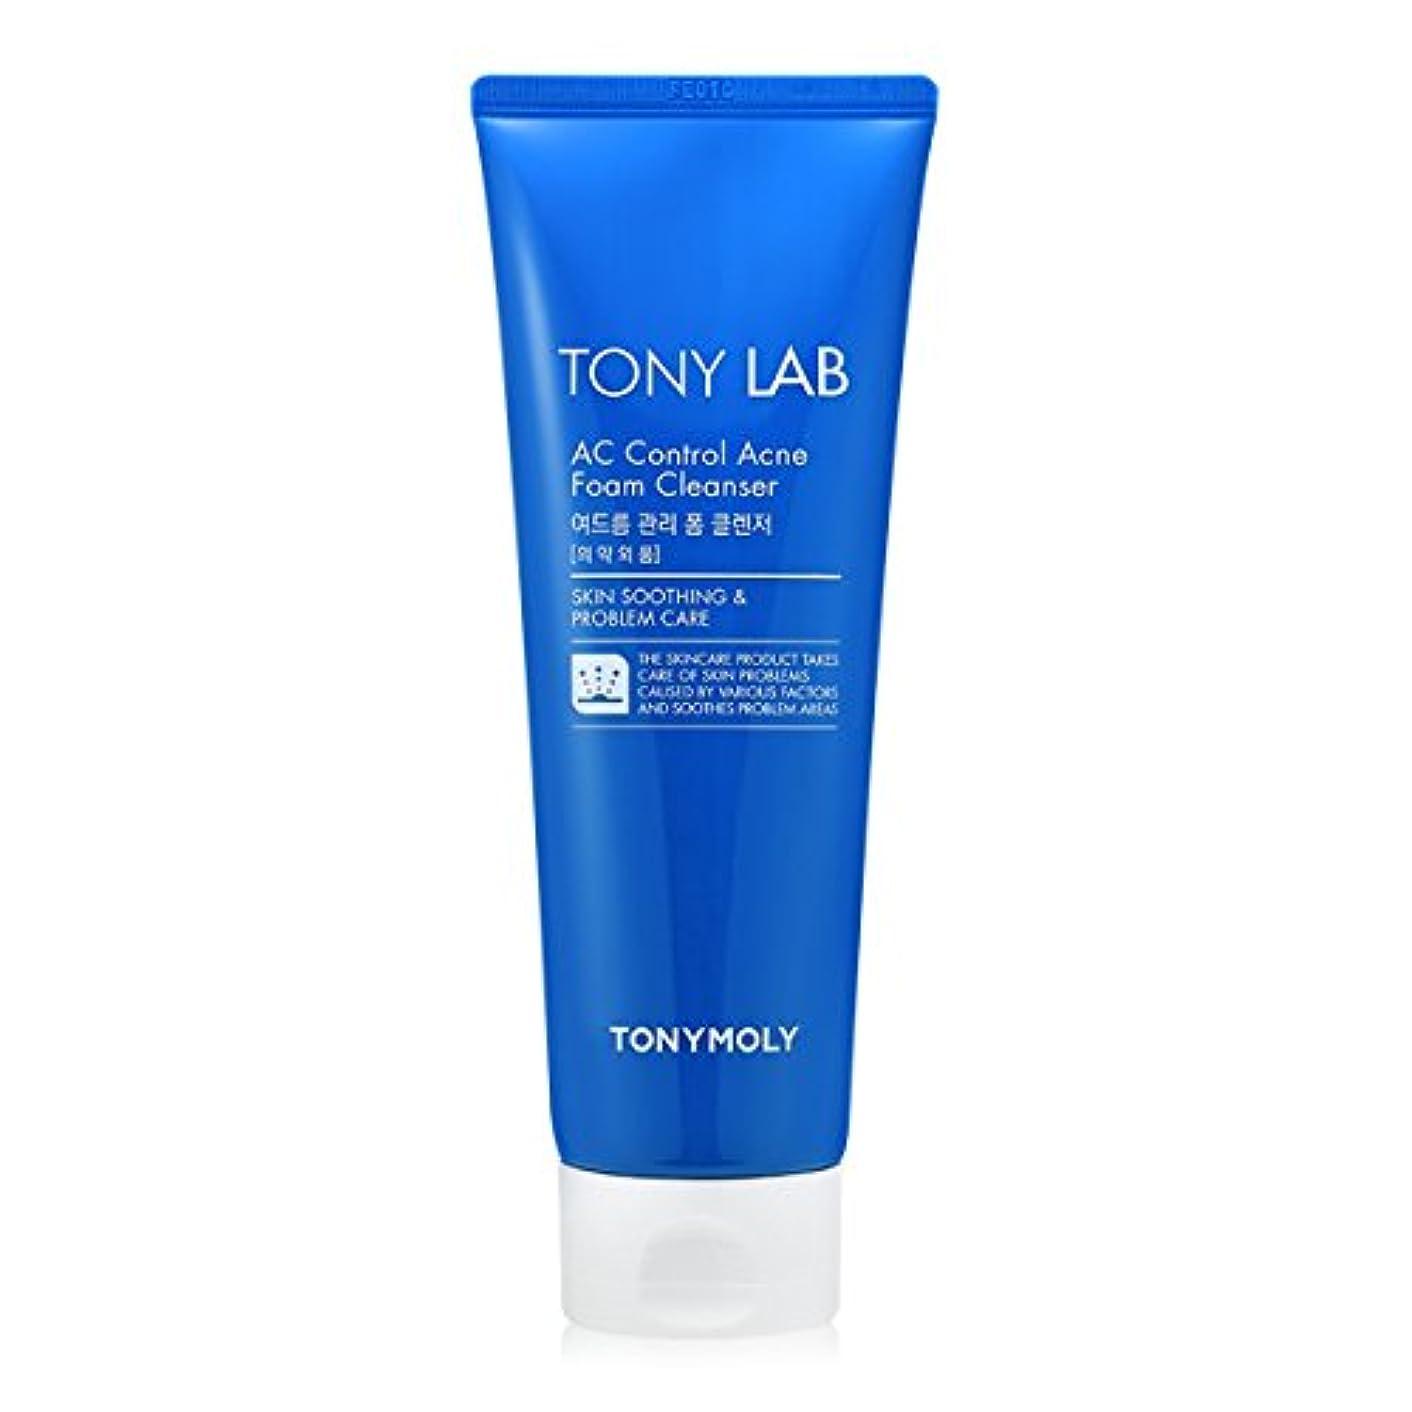 温帯ブランクジャベスウィルソン[New] TONYMOLY Tony Lab AC Control Acne Foam Cleanser 150ml/トニーモリー トニー ラボ AC コントロール アクネ フォーム クレンザー 150ml [並行輸入品]